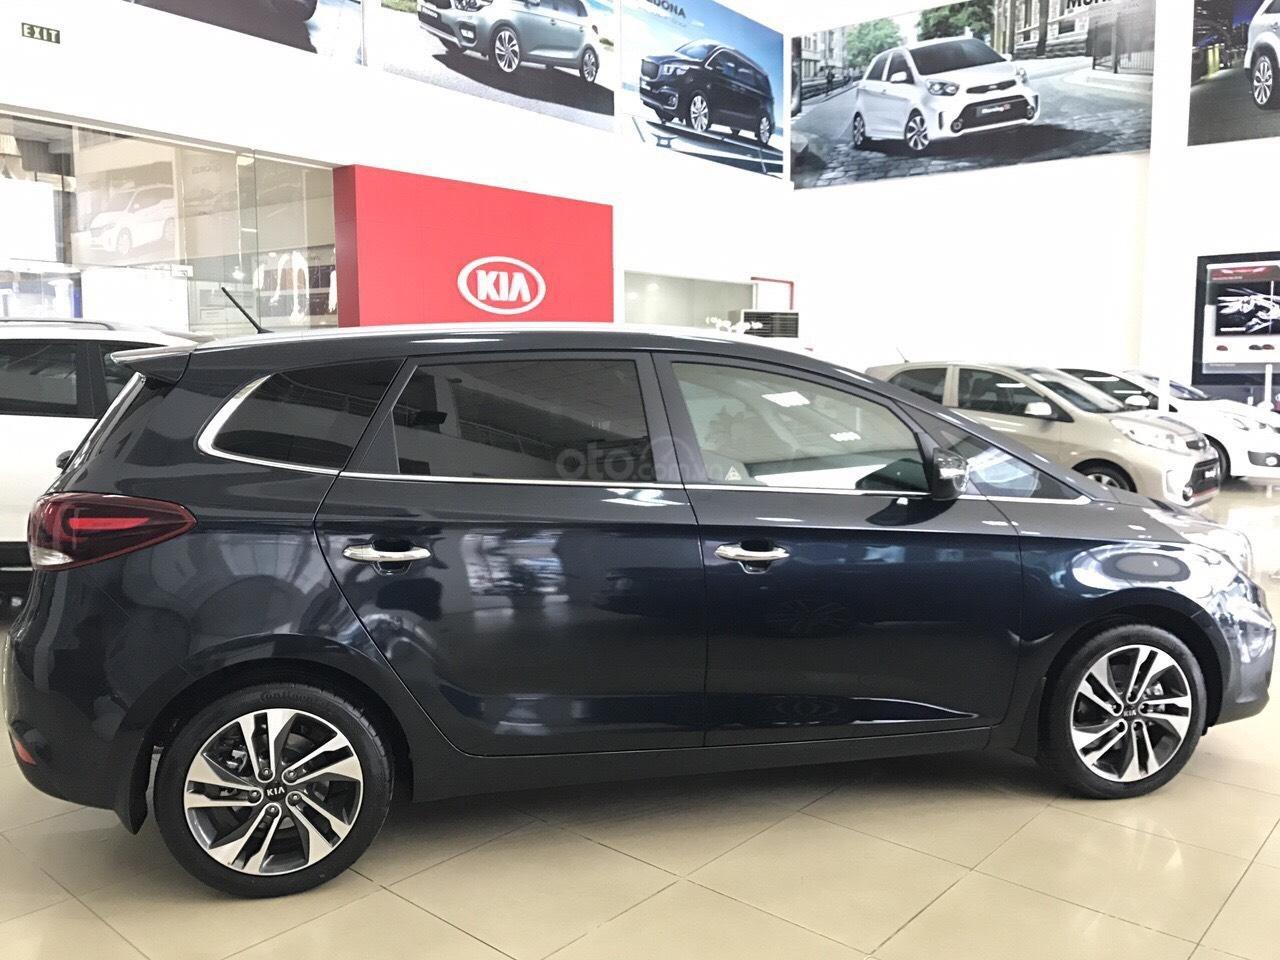 Bán Kia Rondo GAT 2019 option trang bị cao nhất phân khúc minivan giảm tiền mặt + tặng BHVC xe-4